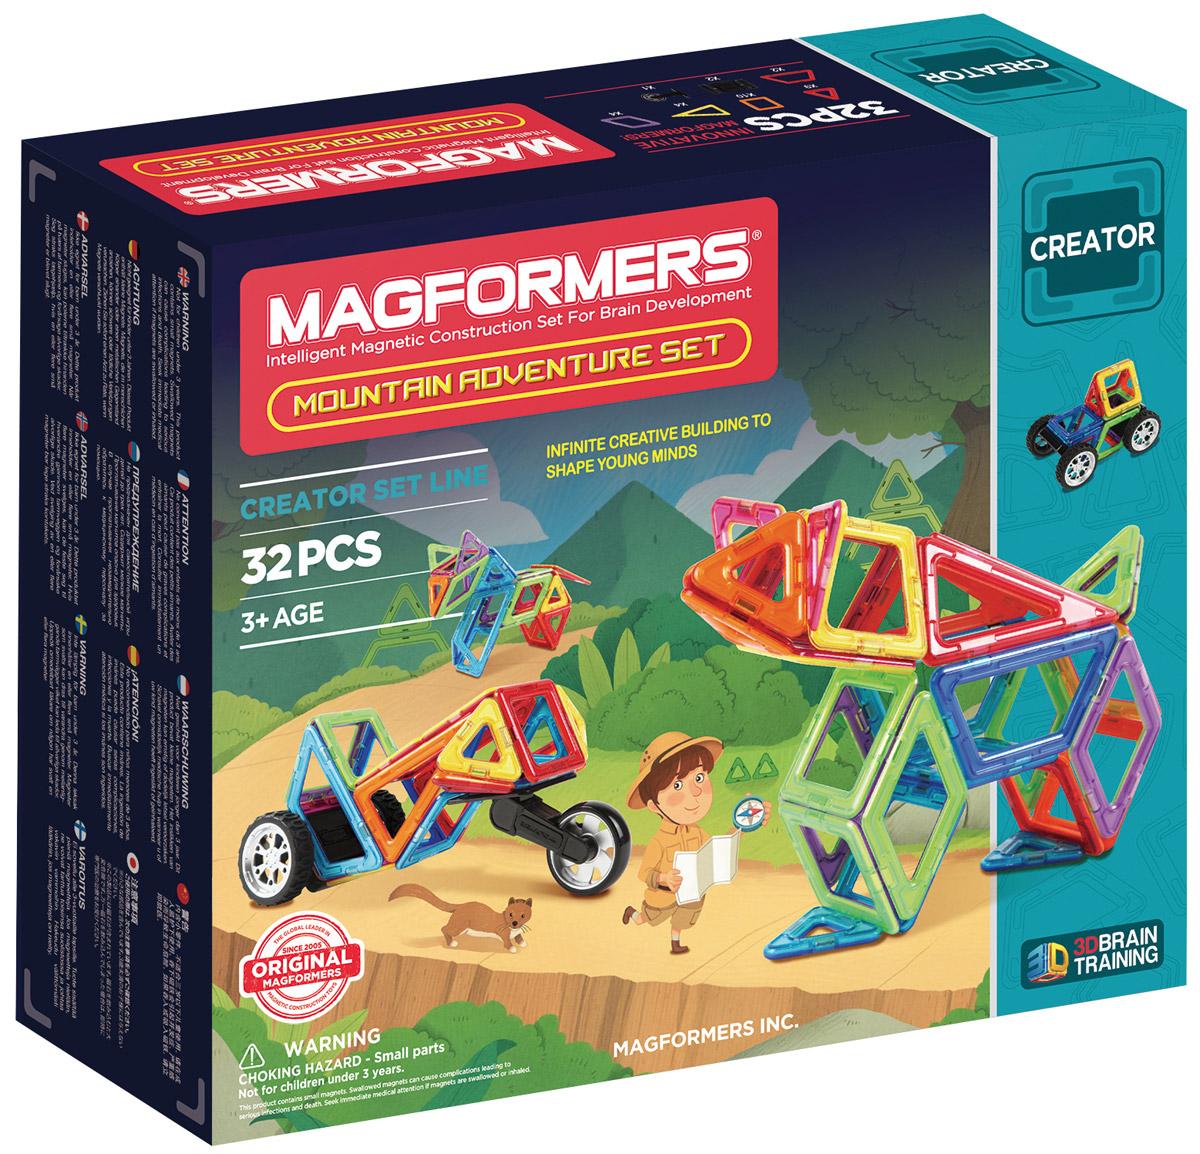 Magformers Магнитный конструктор Adventure Mountain 32 Set703011Набор Magformers Mountain Adventure - представитель новой серии, посвященной путешествиям. С ним вы отправитесь покорять неприступные горные вершины. Чтобы передвигаться по крутым и узким горным дорогам, понадобится специальный транспорт. Детали набора позволяют собрать различные внедорожники и горные мотоциклы. Особенностью набора являются крупные двойные колеса и мотоциклетные колеса, незаменимые при путешествии по горной местности. Колеса крепятся особым образом: они вставляются в специальный паз, что придает им дополнительную прочность и возможность покорить гористый рельеф. Помимо техники, из деталей набора можно собрать различных животных, обитающих в горной местности: тигра, волка, медведя и других. К конструктору прилагается красочная Книга идей с подробными схемами сборки транспорта и зверей. Набор Magformers Mountain Adventure станет прекрасным дополнением к уже имеющейся коллекции Магформерс. Набор Magformers Mountain Adventure содержит 32 элемента: ...